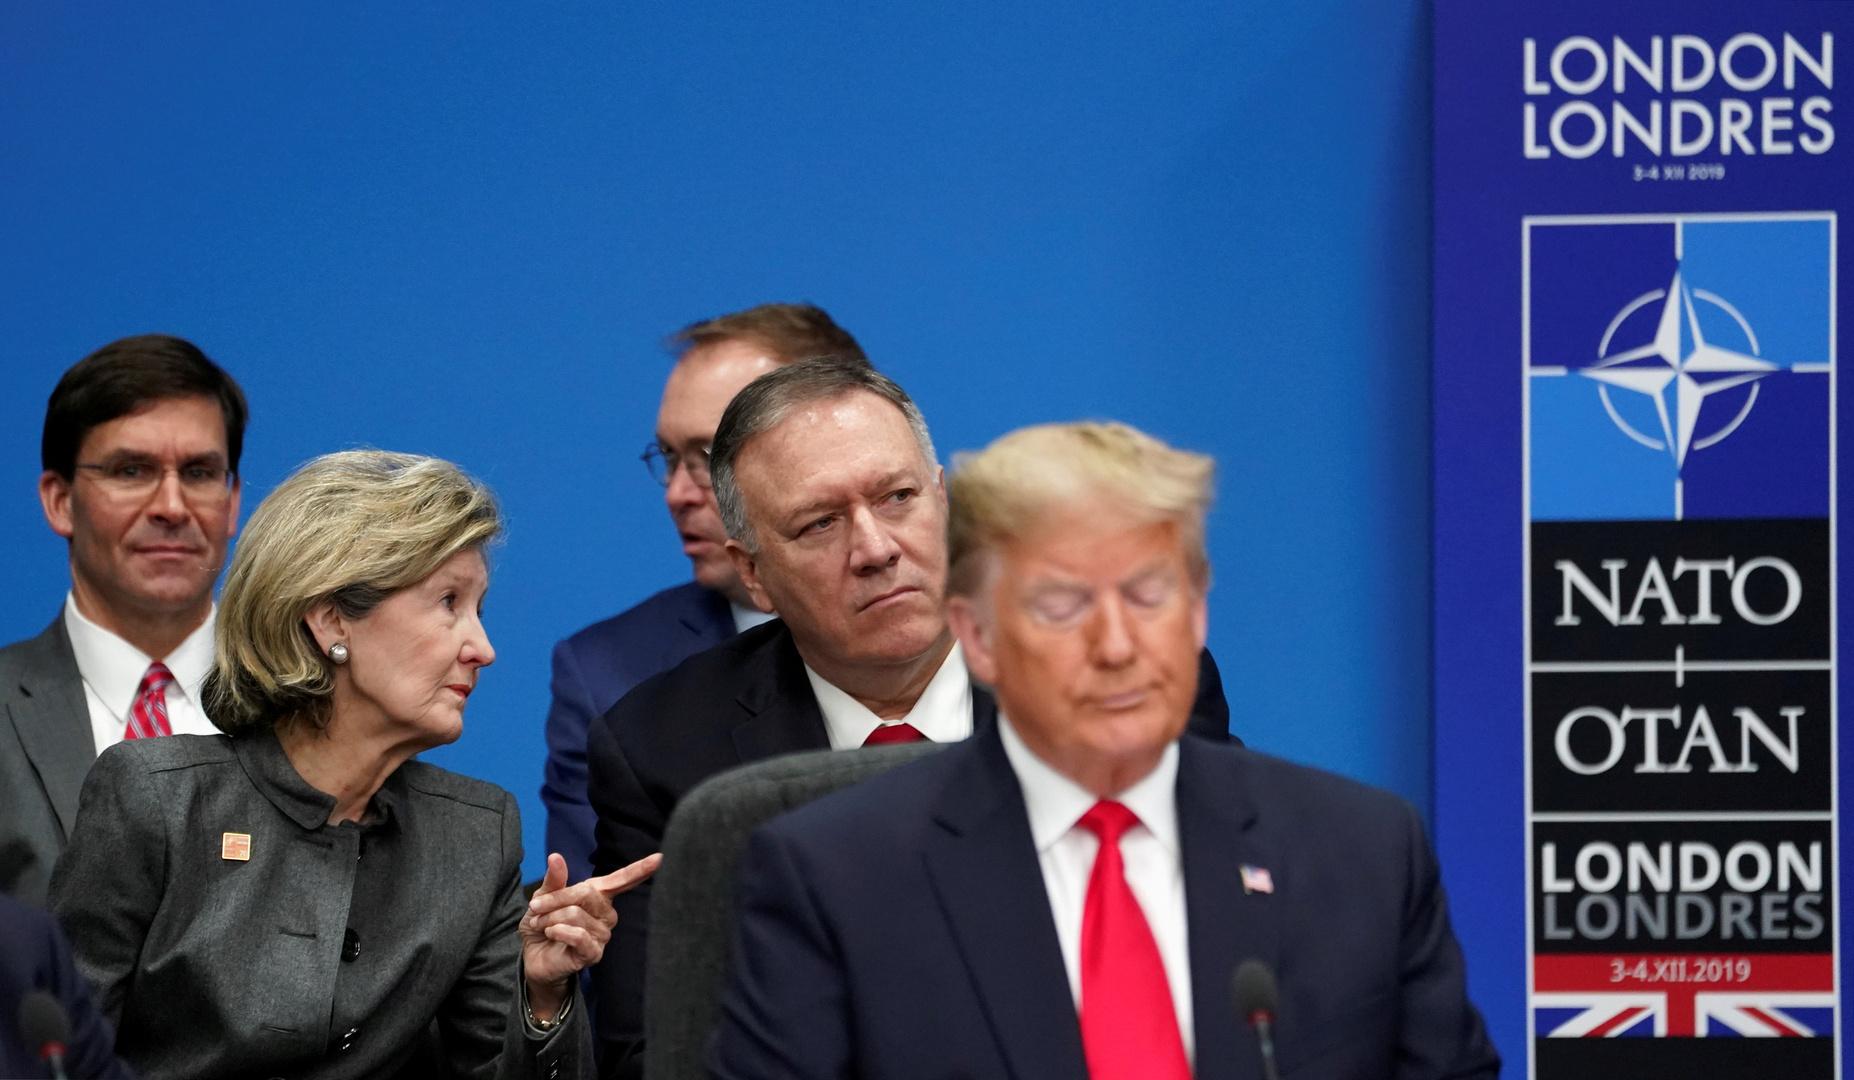 الولايات المتحدة: هجمات القوات السورية على العسكريين الأتراك في إدلب تتجاوز كل الحدود وسندعم تركيا